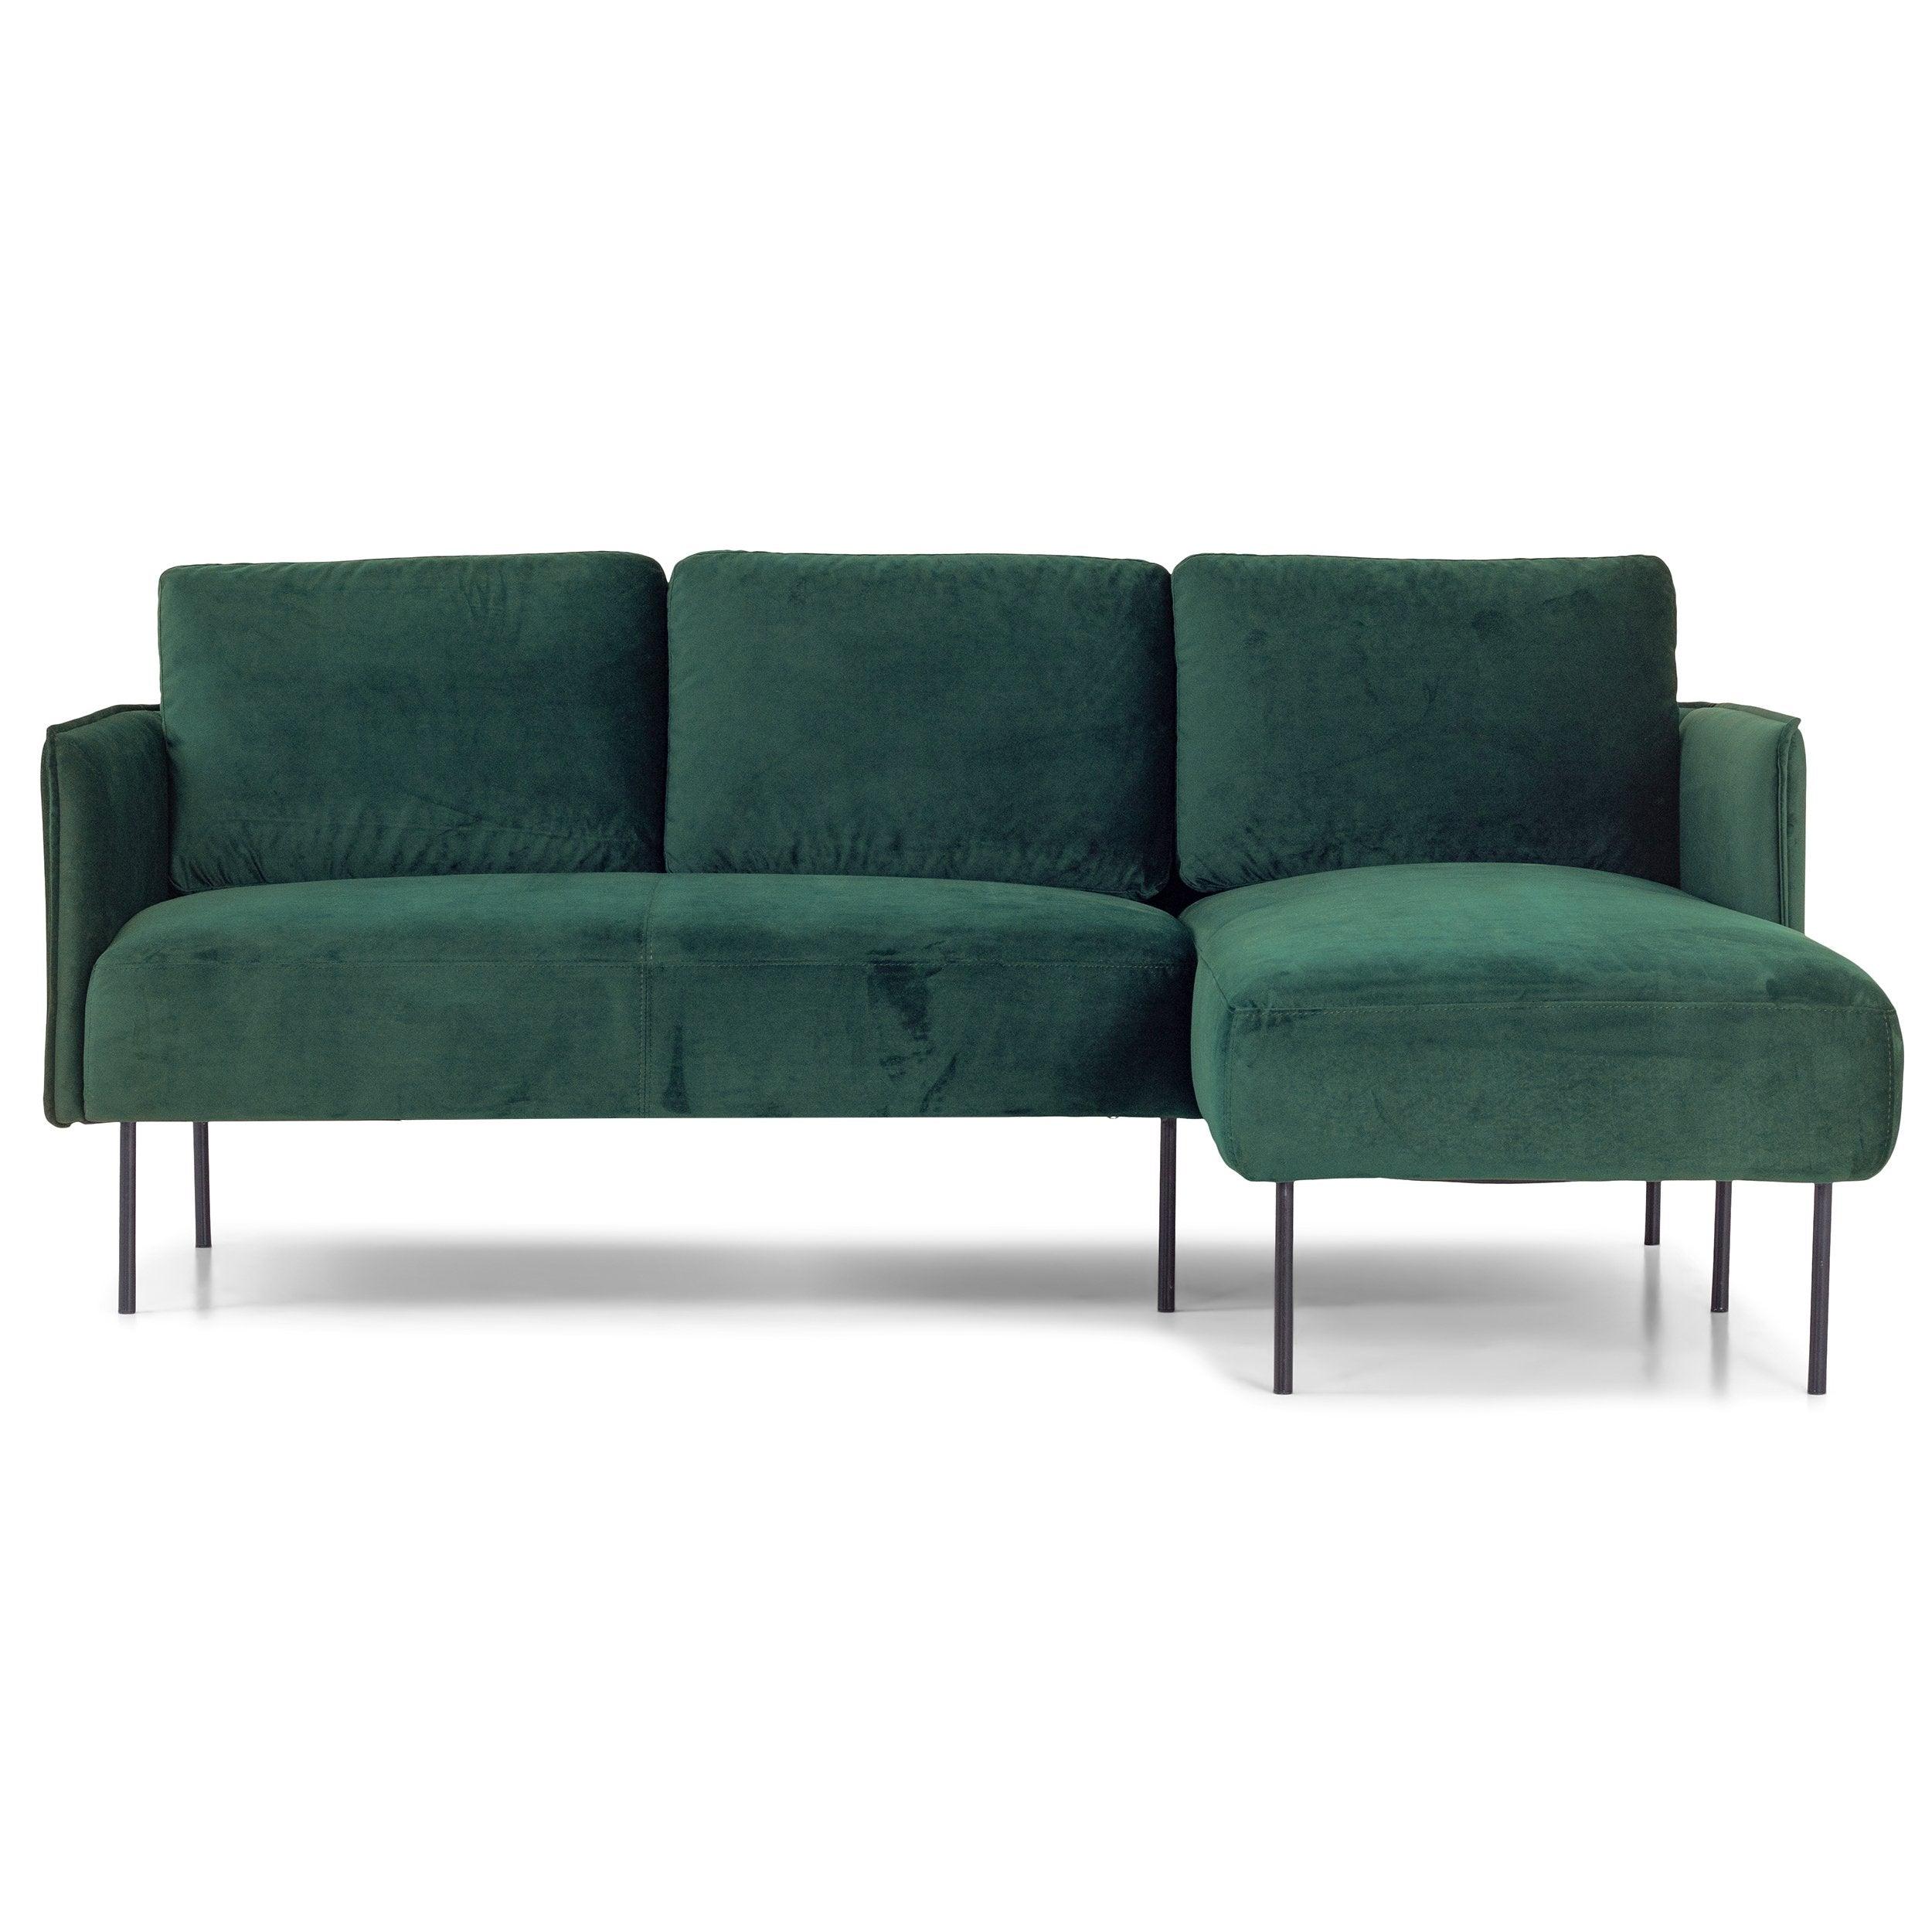 nimara.dk Nela - Højrevendt chaiselong sofa mørkegrøn velour - 192 cm